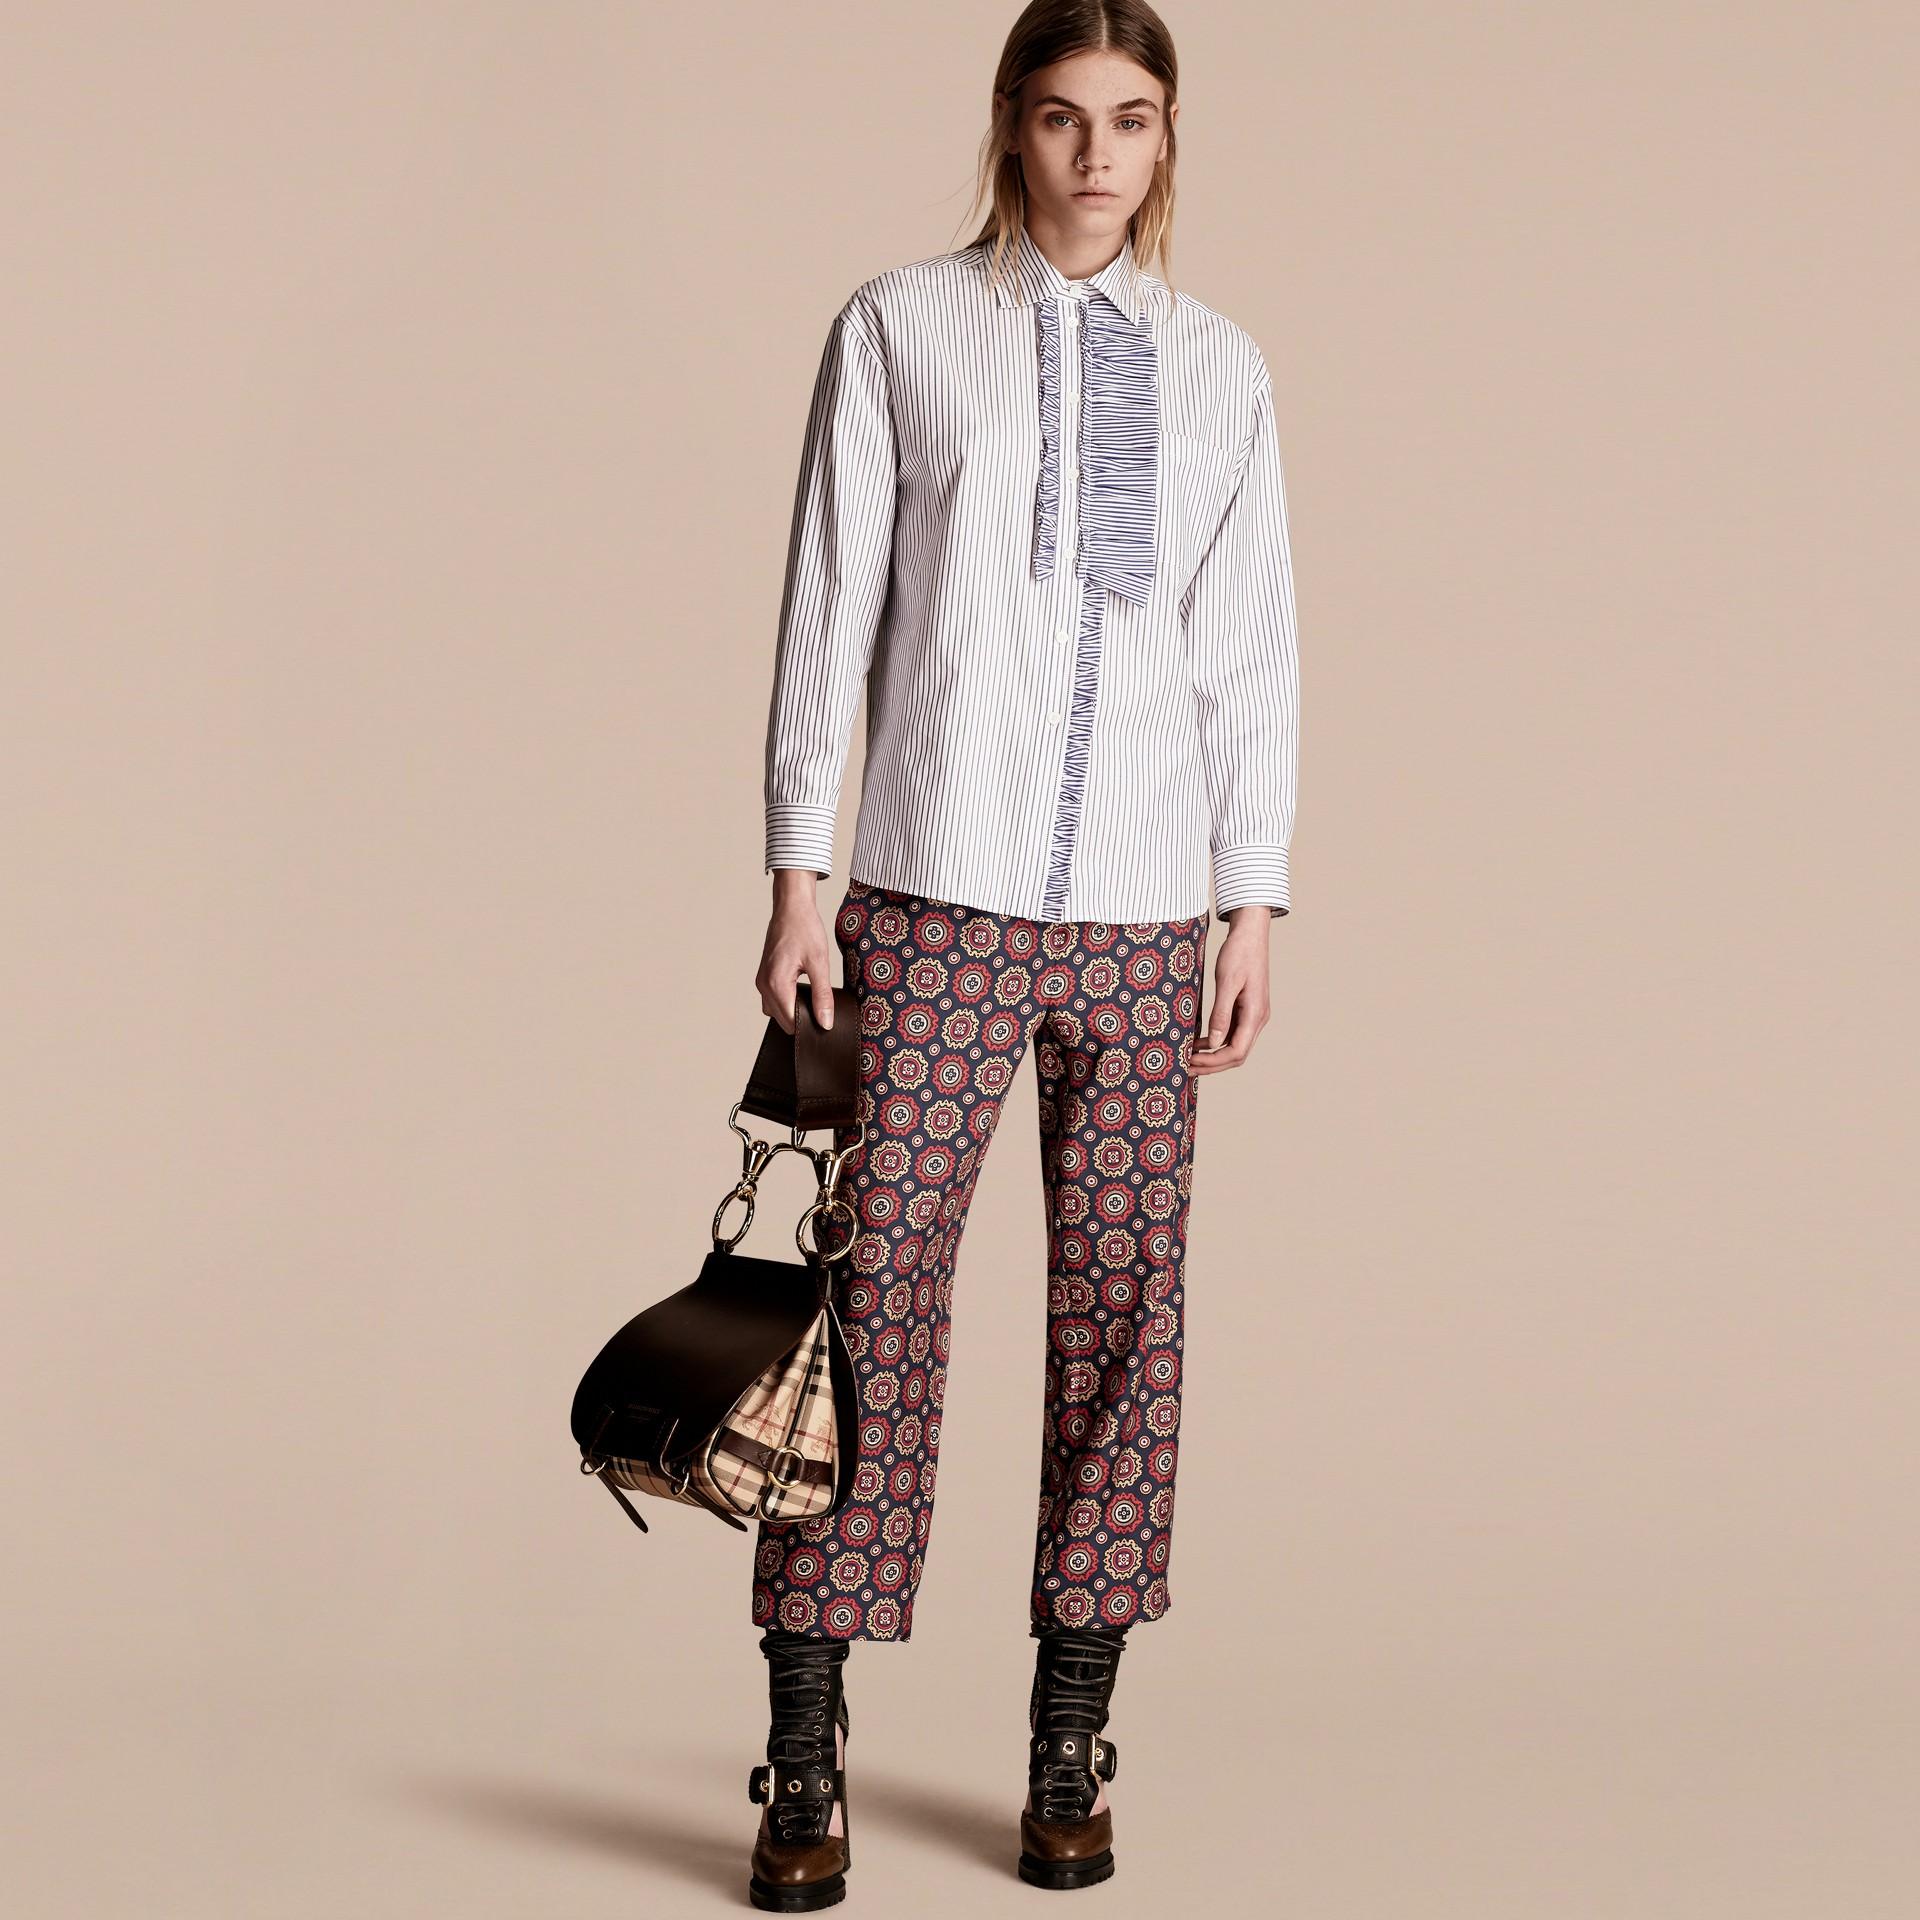 Azul marinho Calças estilo pijama curtas de sarja de seda estampadas - galeria de imagens 6